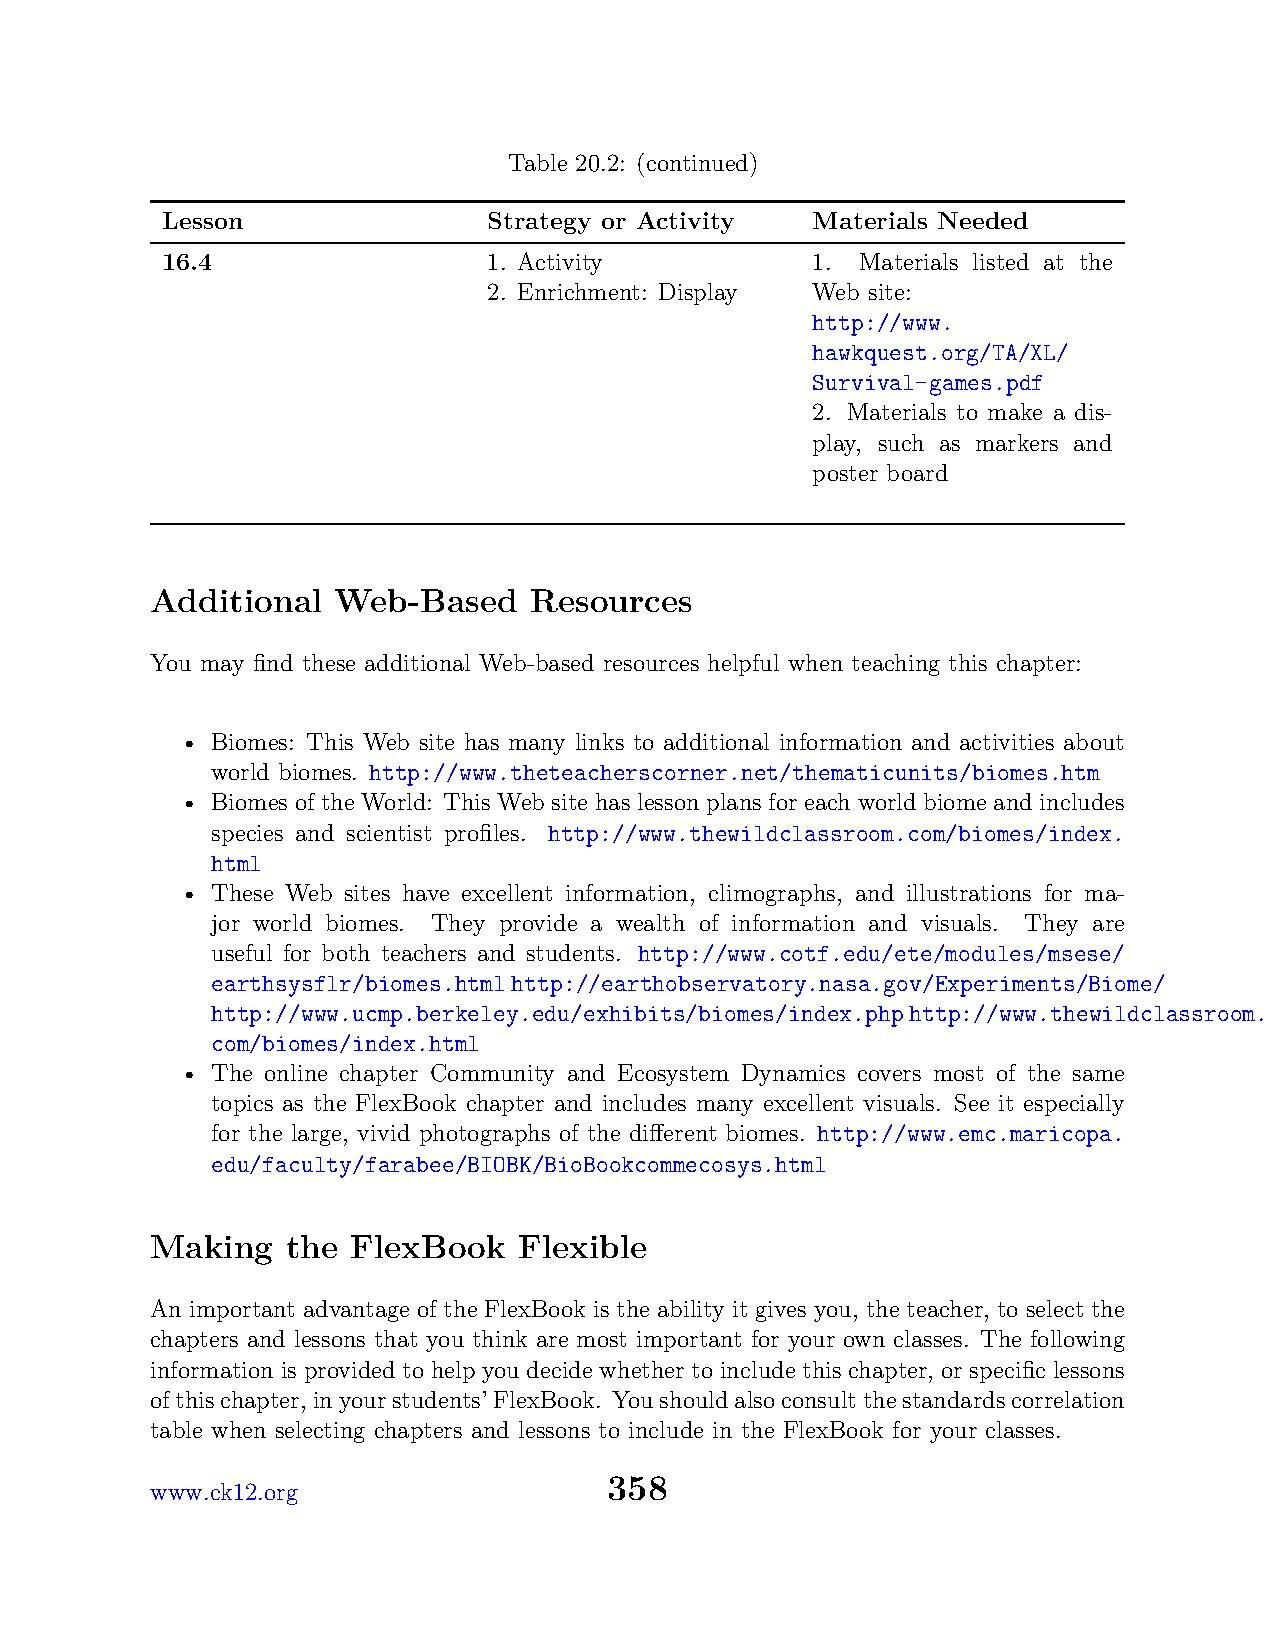 ملف:High School Biology Teacher's Guide pdf - ويكيبيديا، الموسوعة الحرة